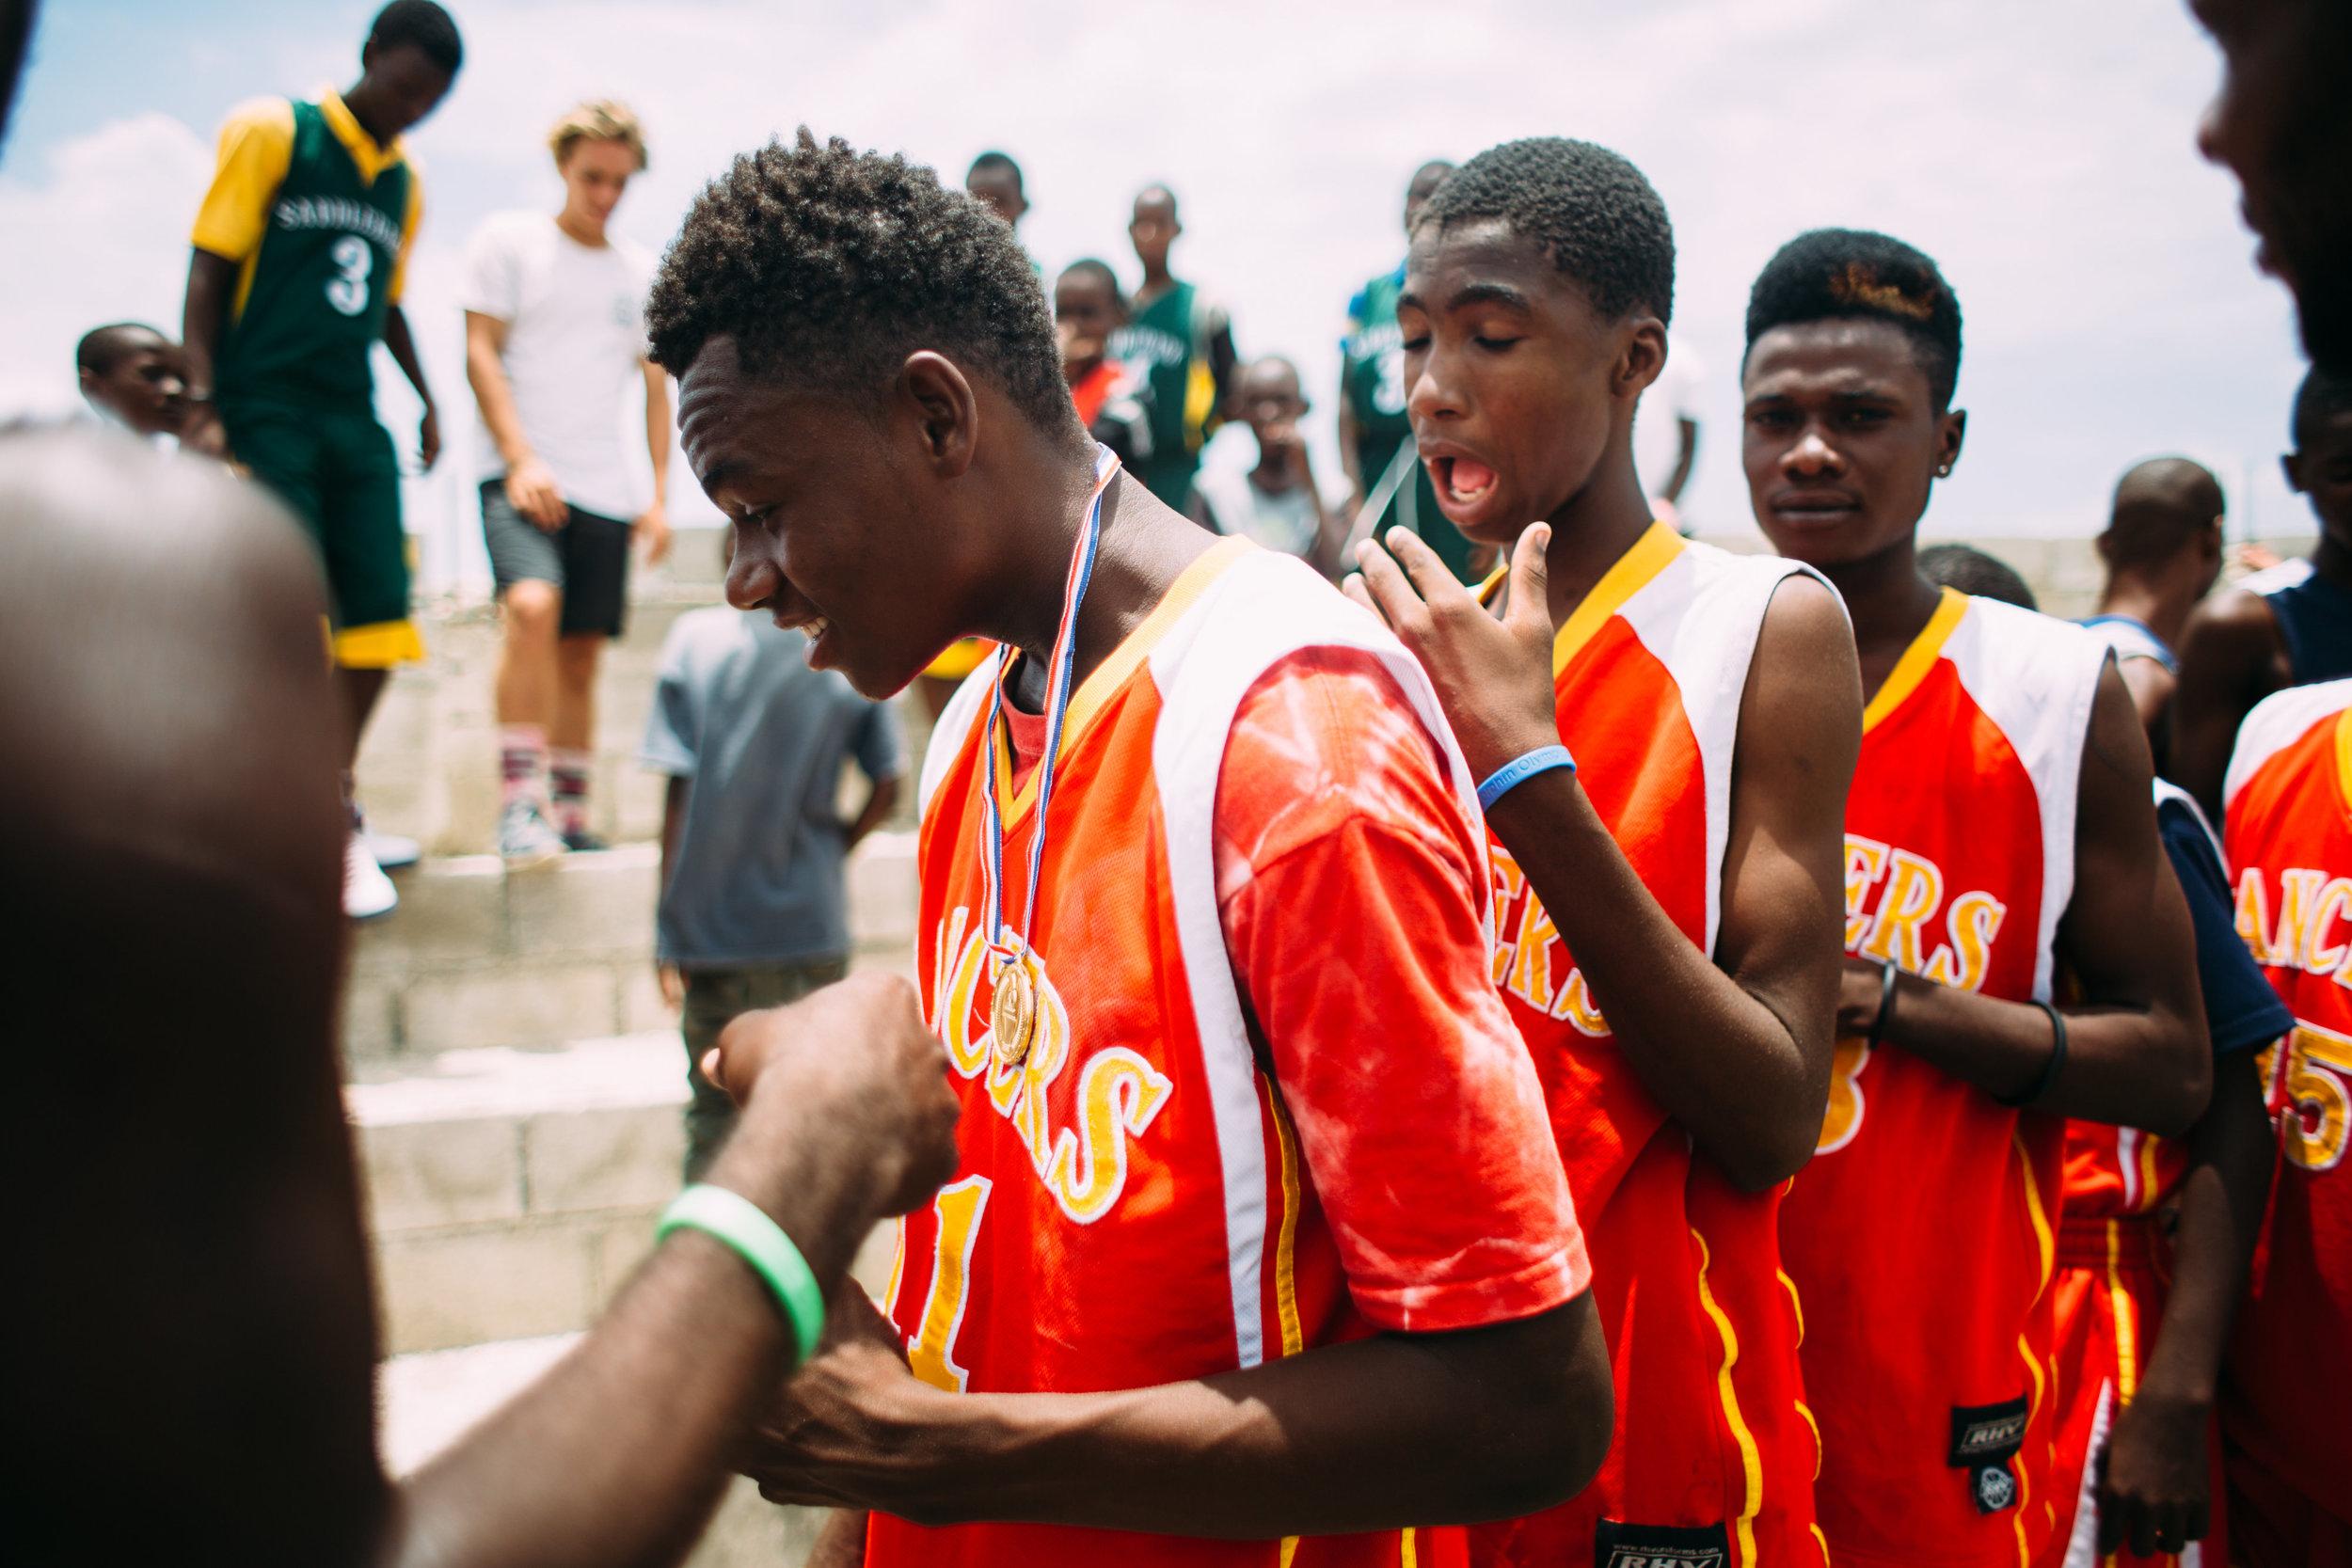 Haiti 2016-Cite Soliel 2-0009.jpg